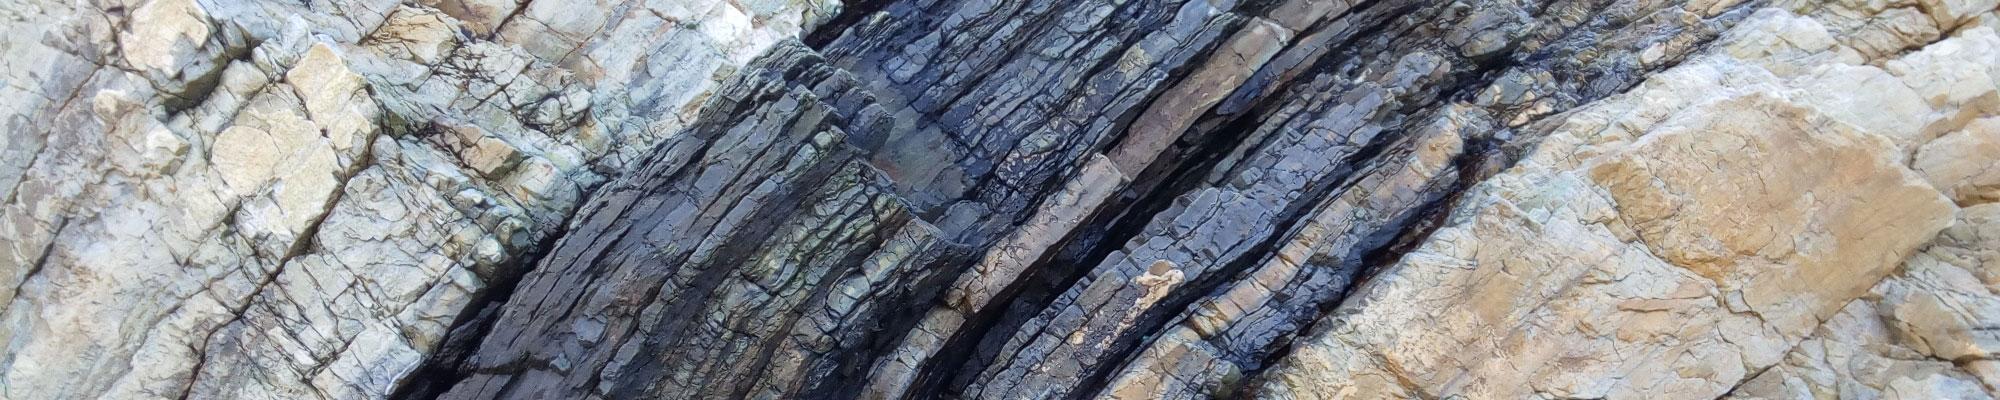 Geocivil 98 -  Geología - Estudios geológicos, geotécnicos y ambientales en Asturias